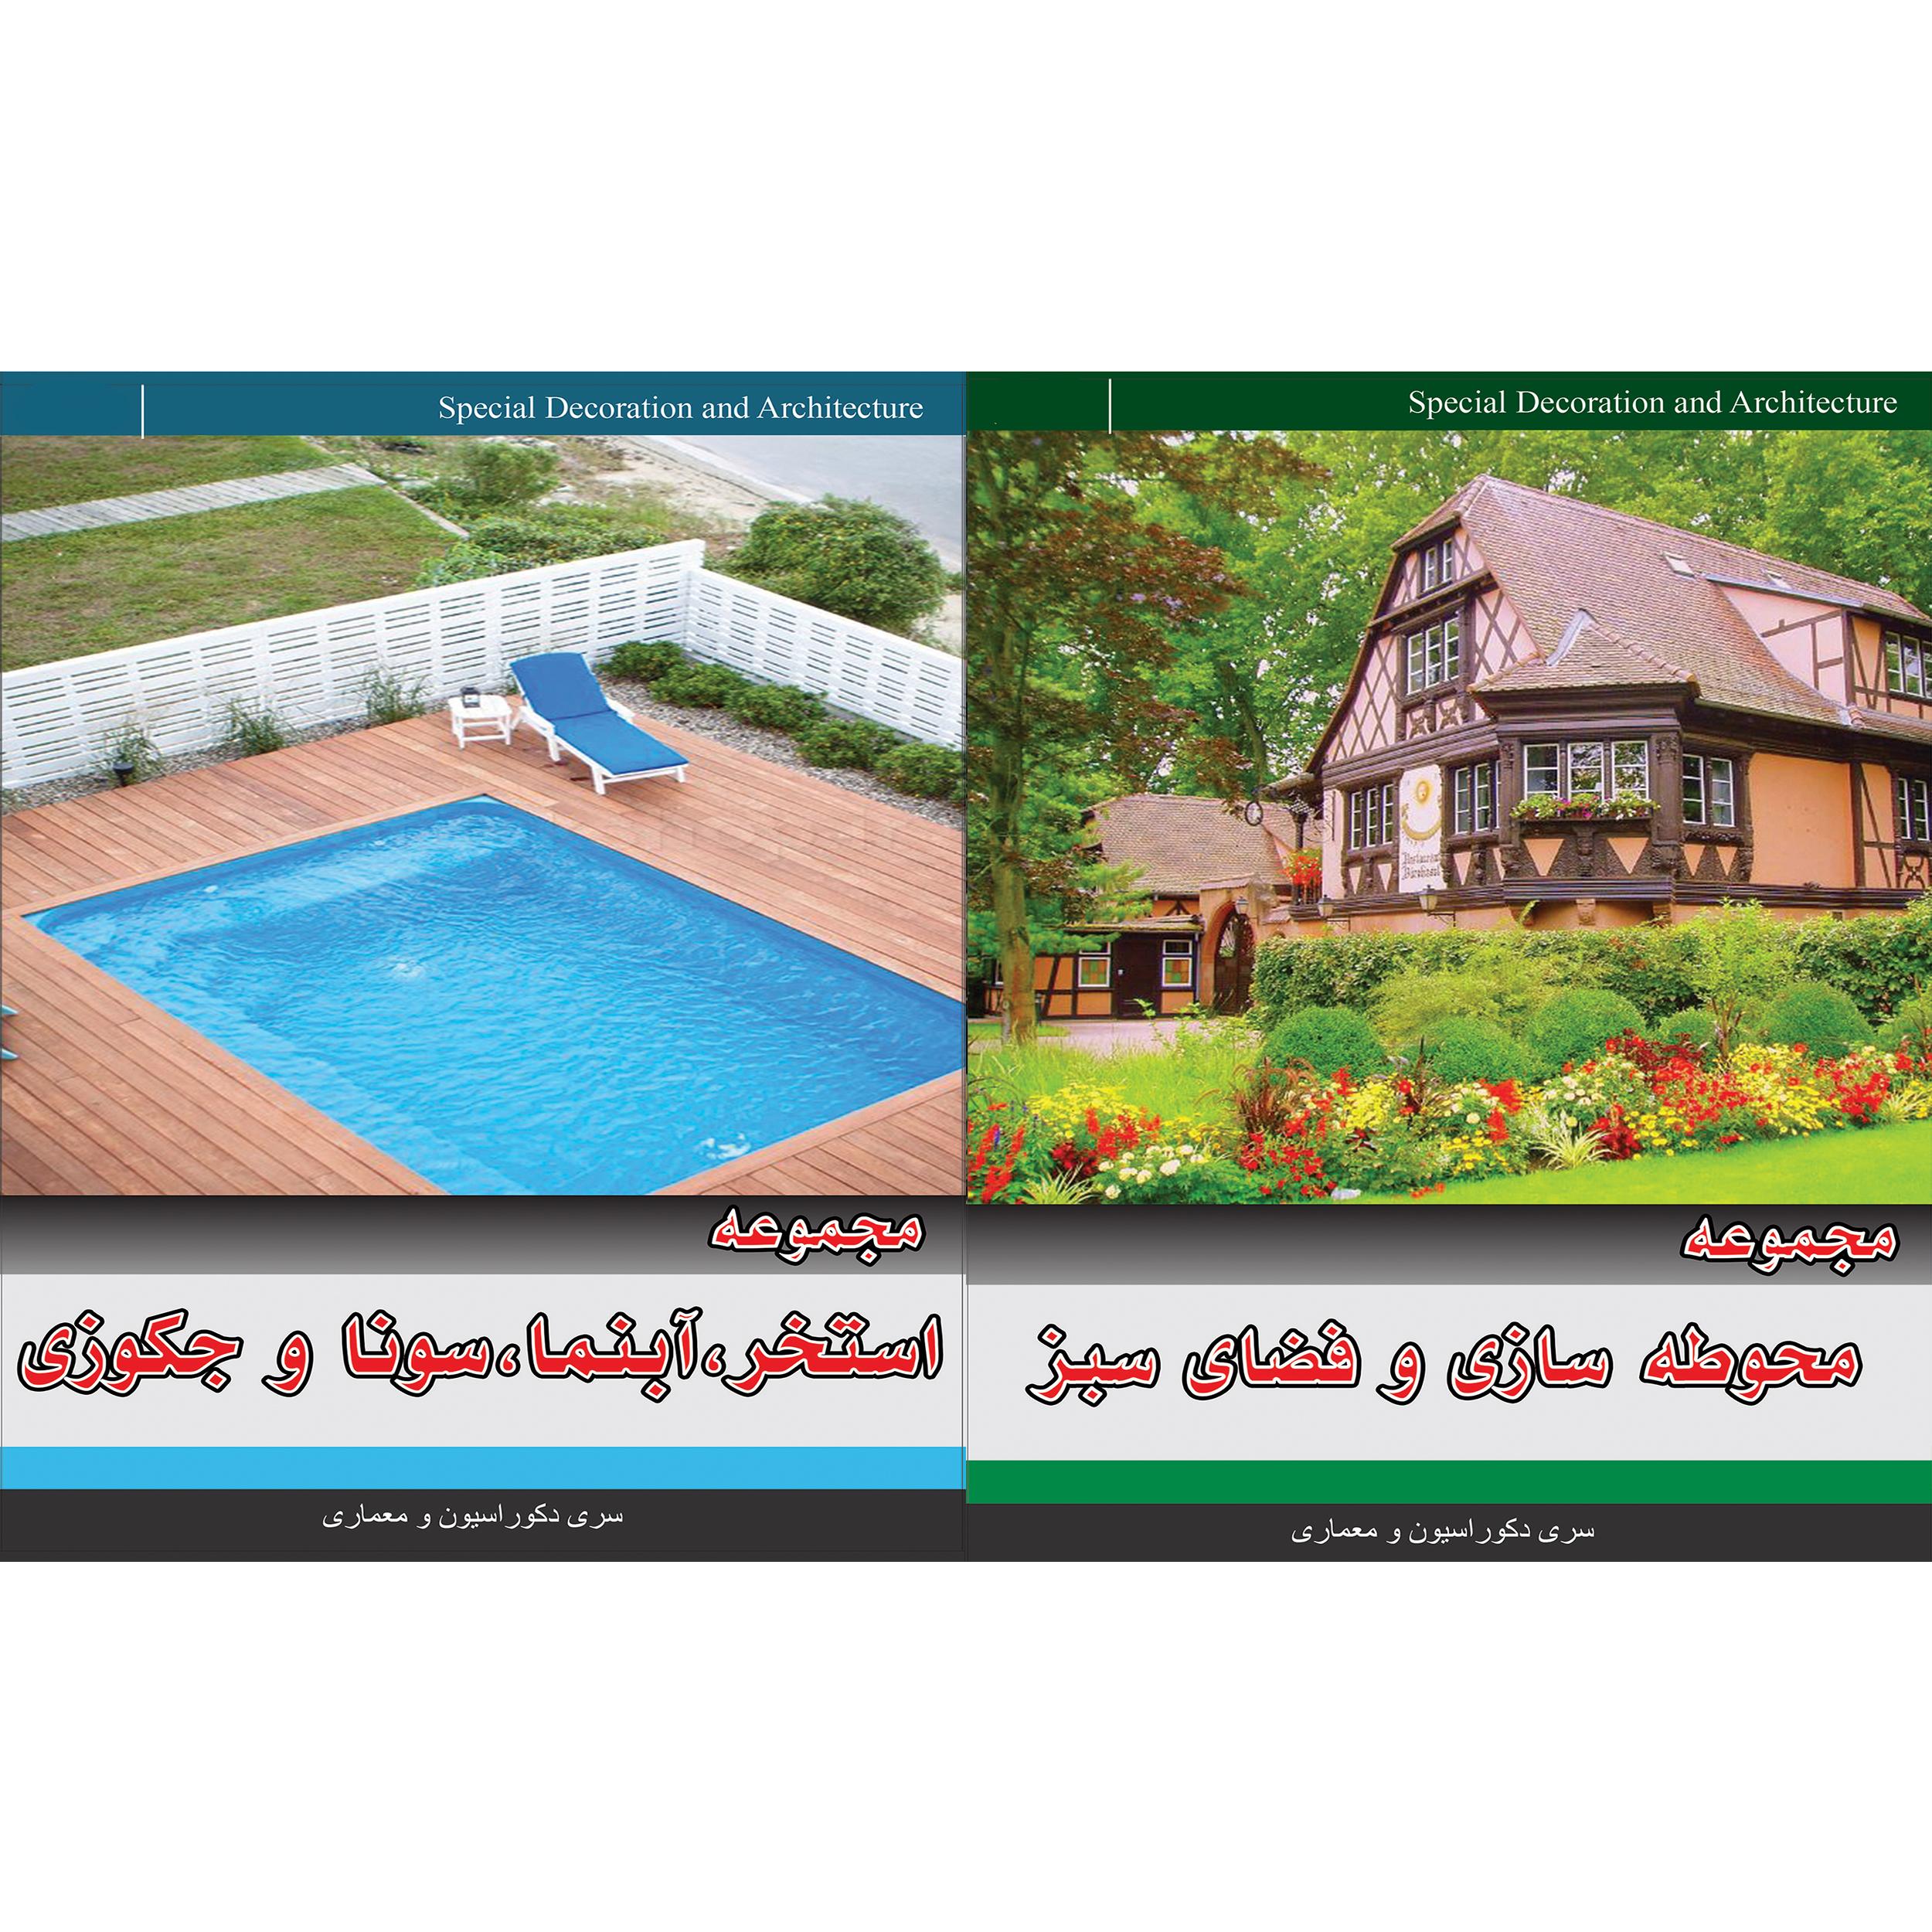 مجموعه تصاویر محوطه سازی و فضای سبز نشر جی ای بانک به همراه مجموعه تصاویر استخر ، آبنما ، سونا و جکوزی نشر جی ای بانک